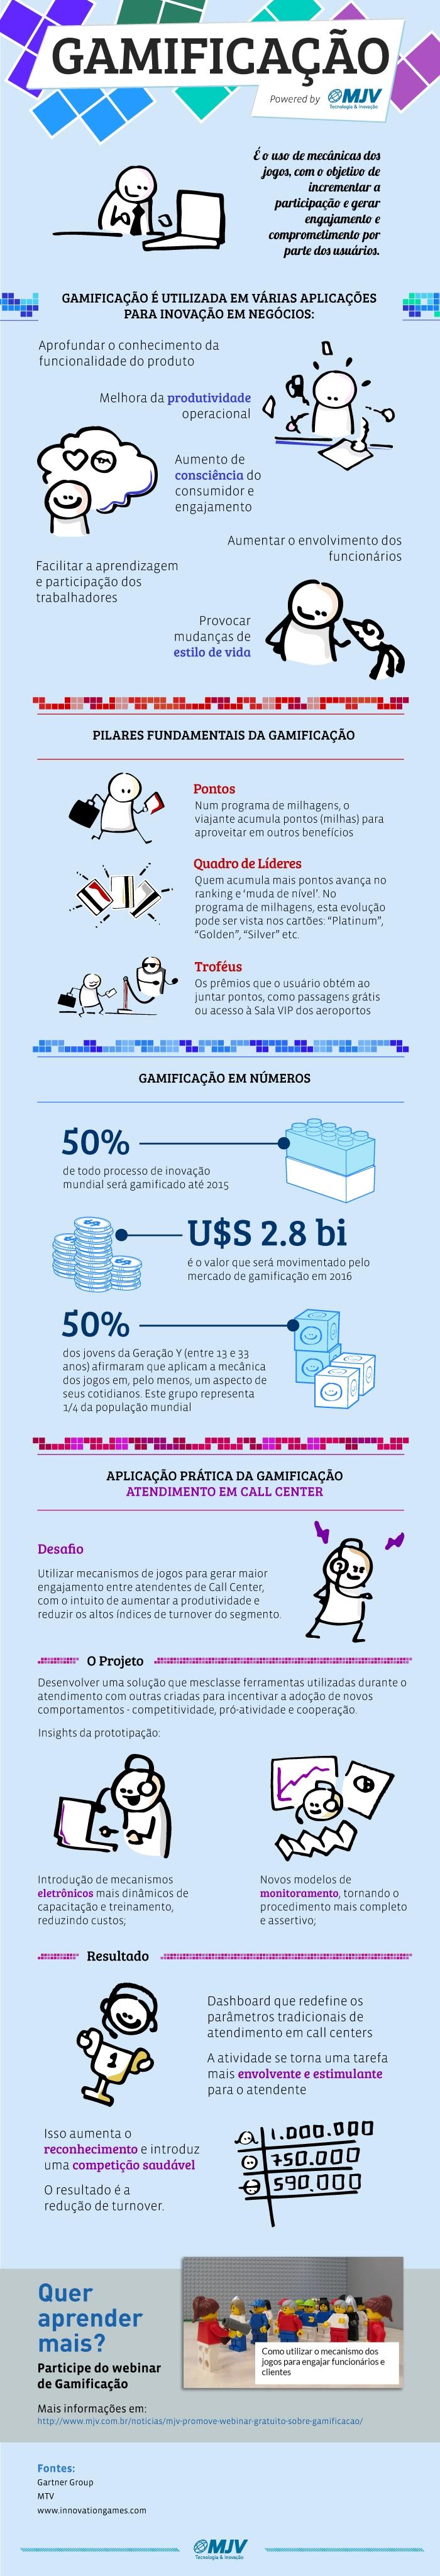 o_que_é_gamificacao